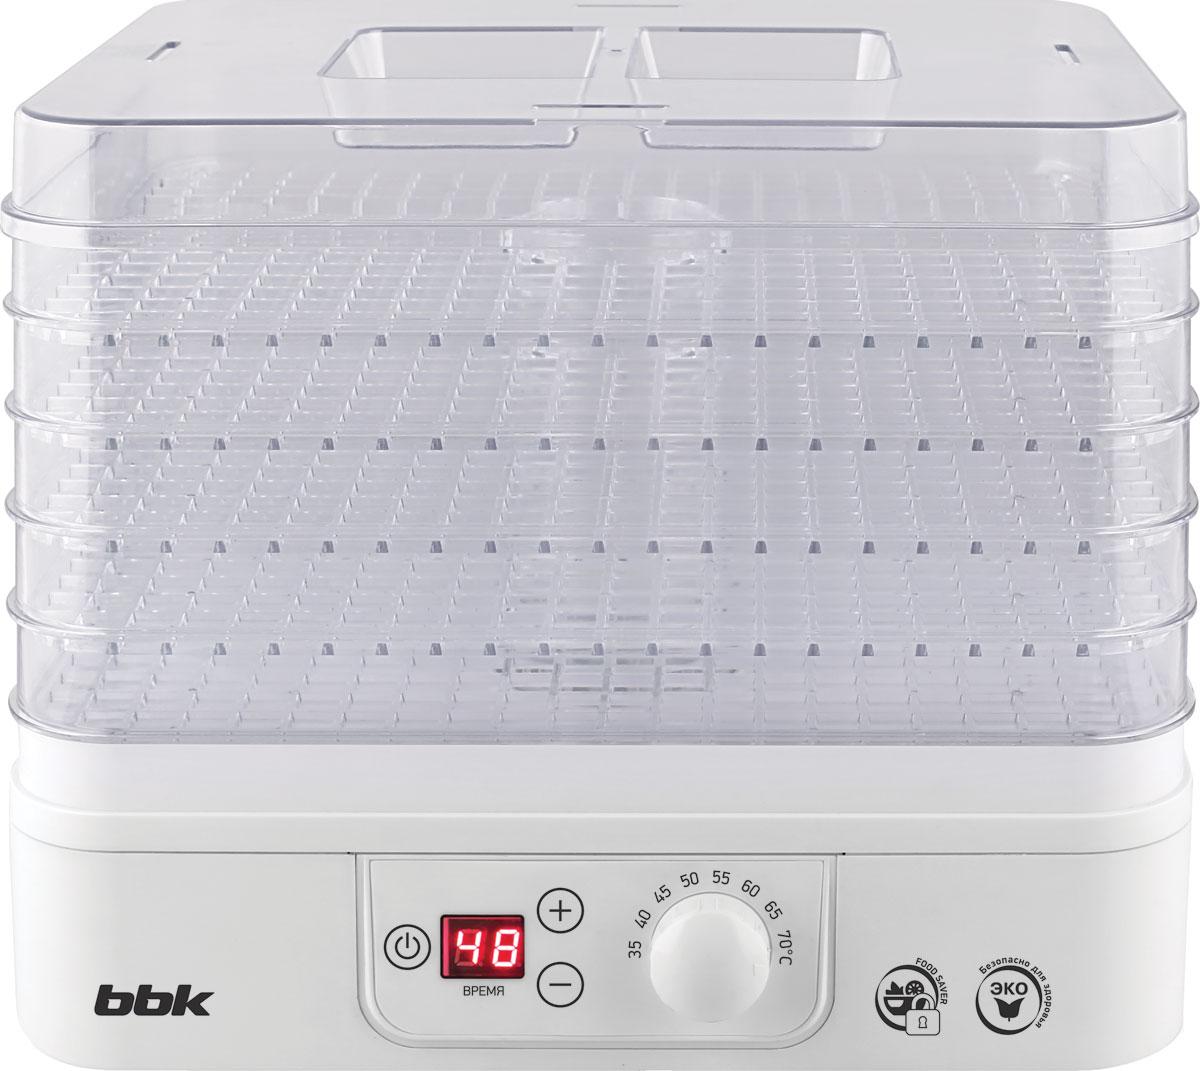 Универсальная сушка для овощей и фруктов BBK BDH303D с удобной панелью правления станет отличным помощником на любой кухне. Корпус из прозрачного термостойкого пластика, регулировка температуры, фен для равномерного  распределения воздушного  потока - все это обеспечивает легкое и комфортное использование устройства. Для индикации времени сушки на фронтальной панели устройства расположен дисплей.